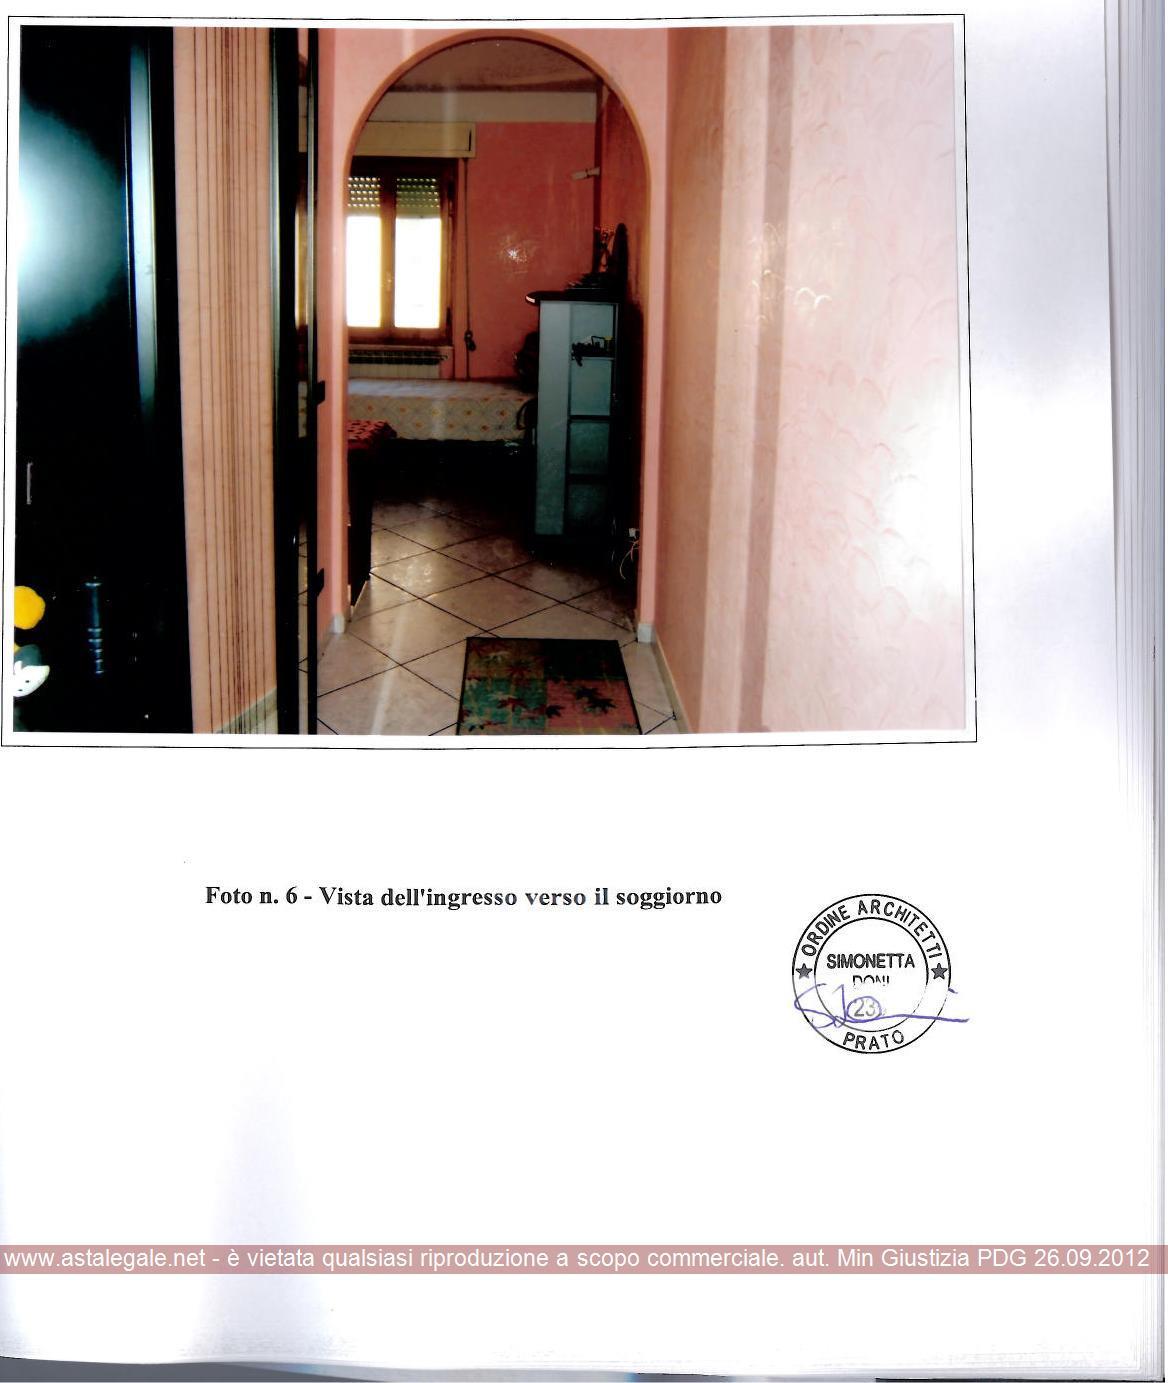 Bilocale Prato Localita' Chiesanuova - Via Isarco 56 5